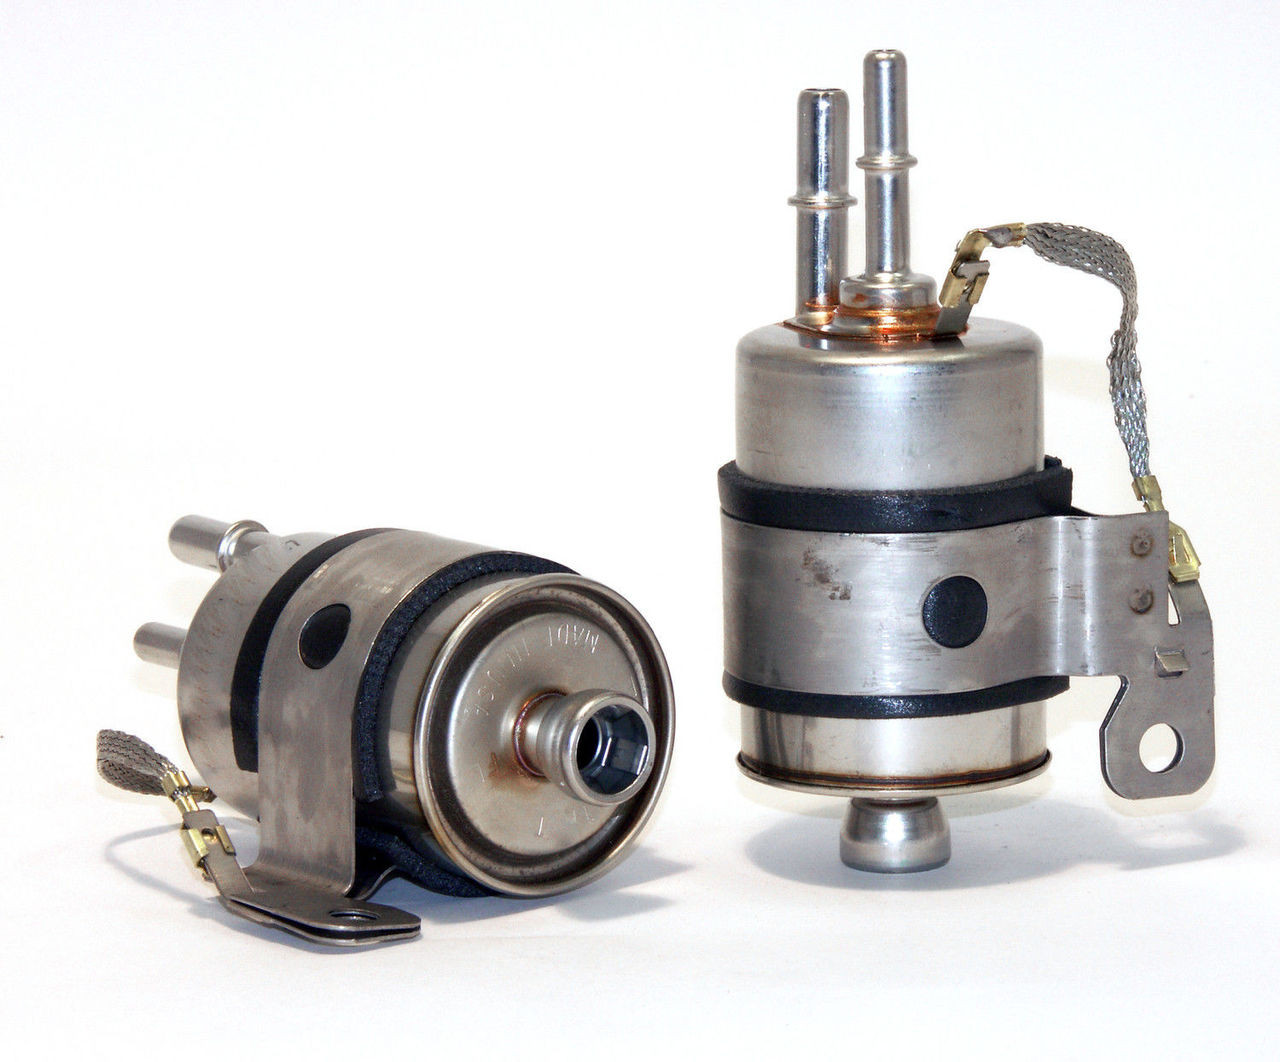 ls1 lsx engine swap wix fuel filter w built in regulator hawksls1 fuel filter 5 [ 1280 x 1062 Pixel ]